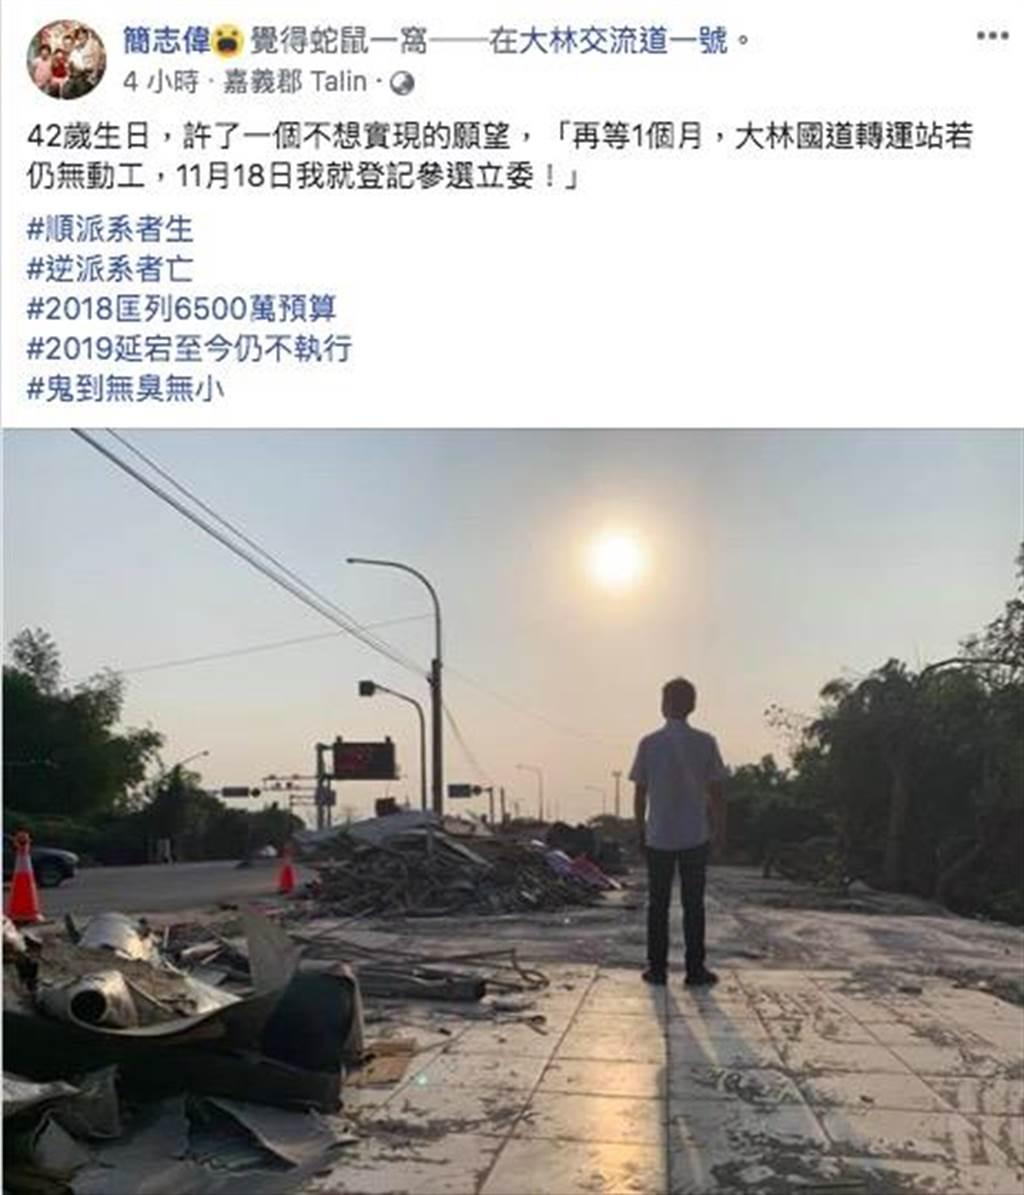 大林鎮長簡志偉在臉書表示,大林國道轉運站1個月後不動工,就要參選嘉義縣山區立委。(翻攝自臉書/張亦惠嘉縣傳真)